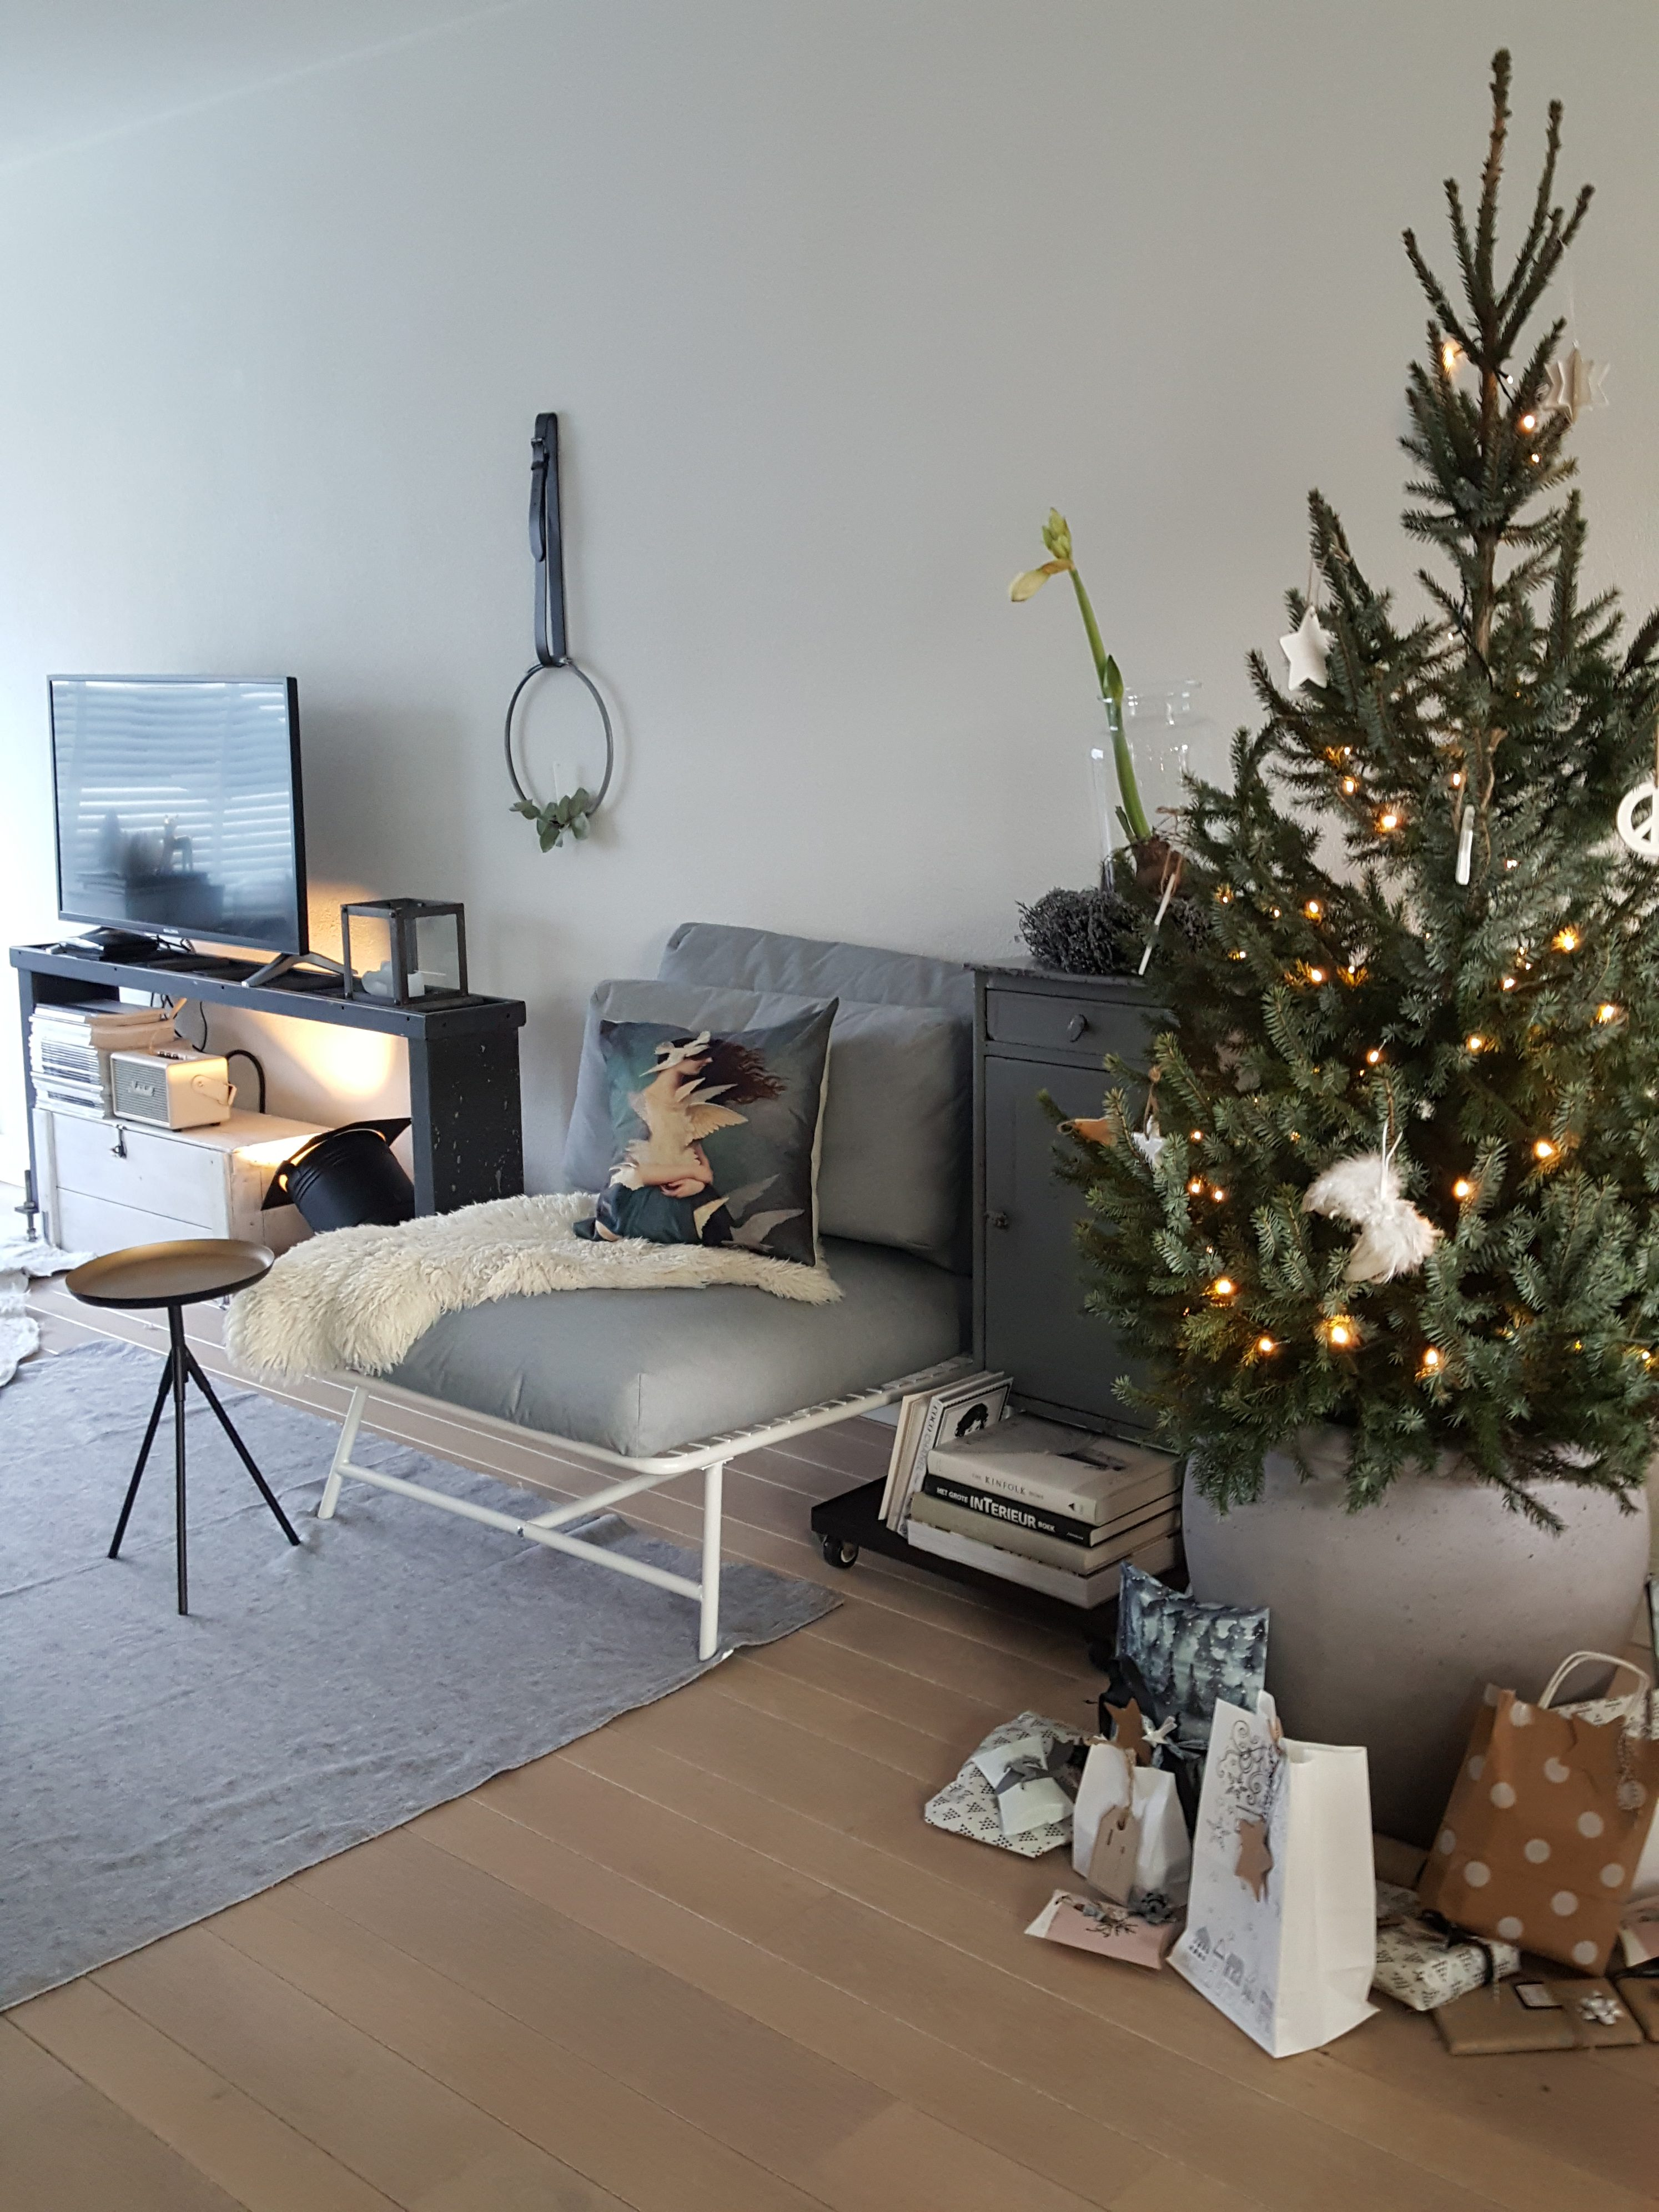 traditie in de decembermaand